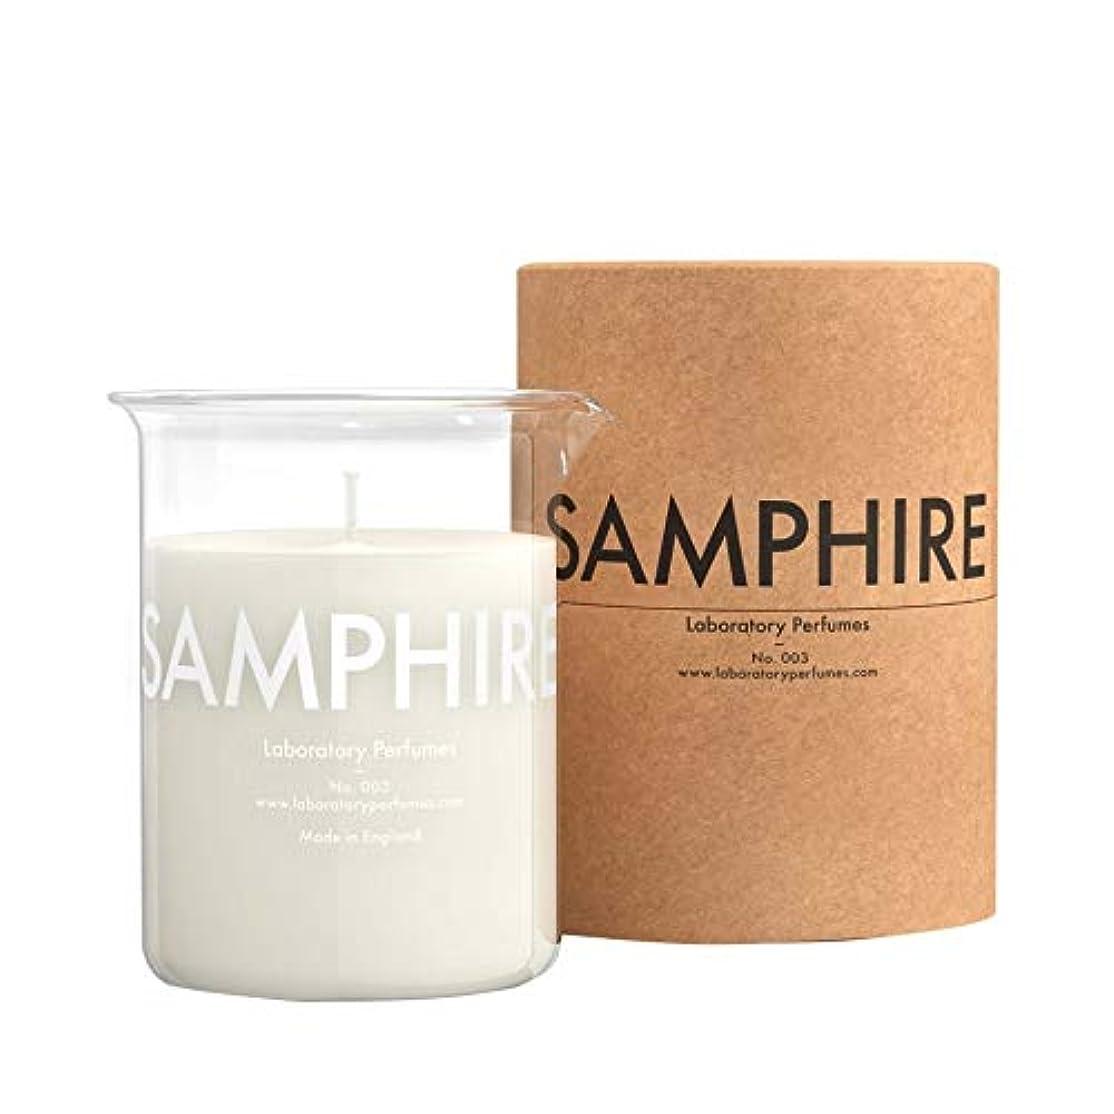 歩く相対サイズメール[Laboratory Perfumes ] 実験室の香水なし。 033 Samphireフレグランスキャンドル - Laboratory Perfumes No. 033 Samphire Fragranced Candle [並行輸入品]